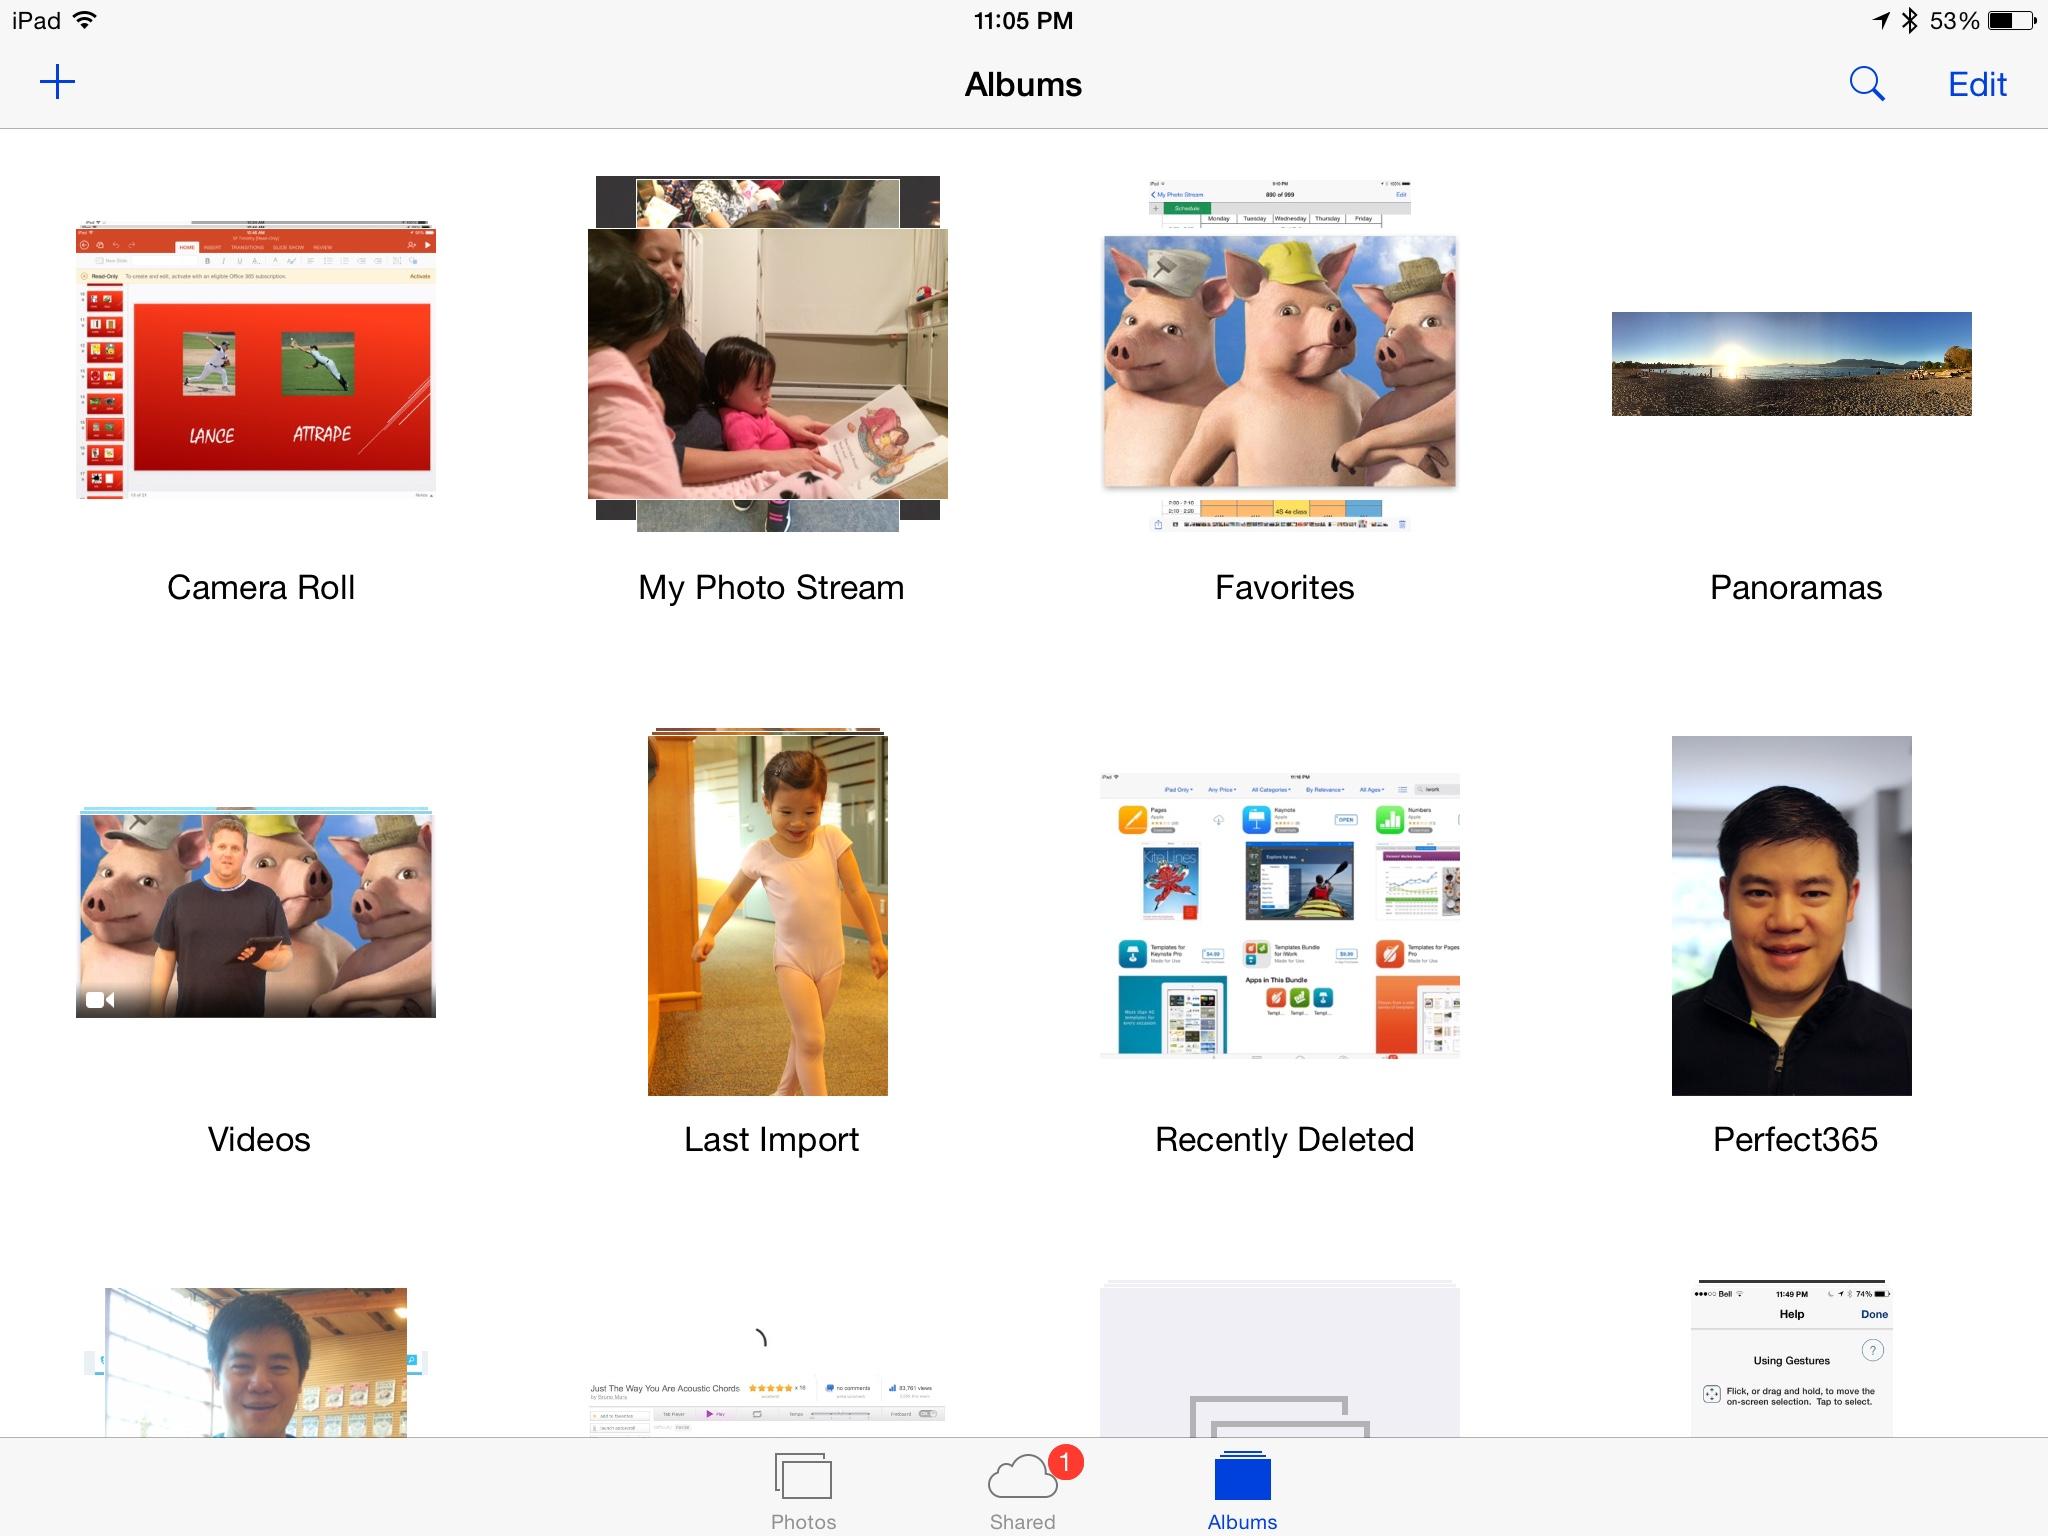 How to Use Photos (Albums) vs. Photo Stream